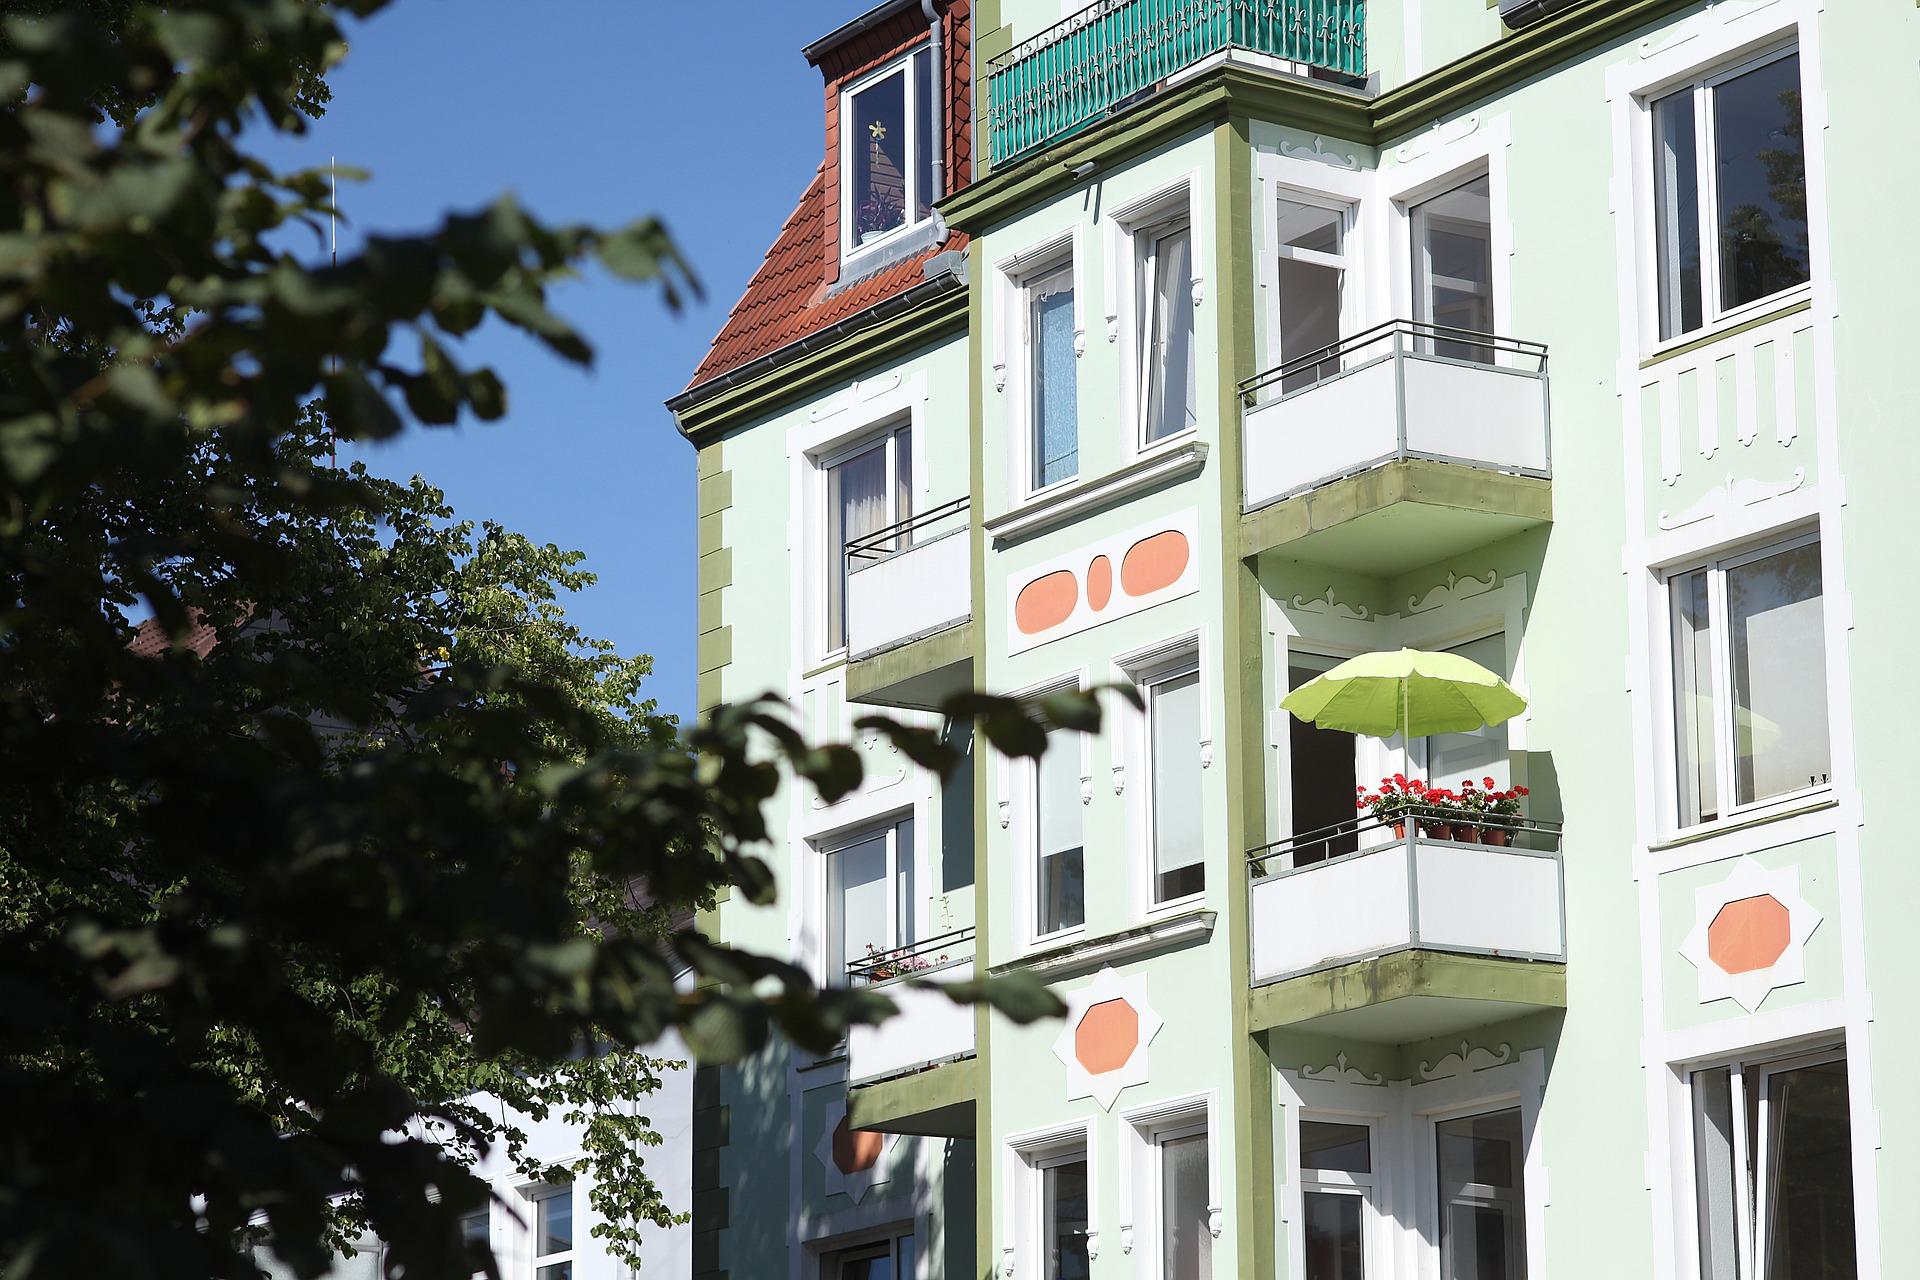 WBS Wohnungen in Recklinghausen mieten: Jetzt Kontaktanfrage an Vermieter von Sozialwohnungen stellen